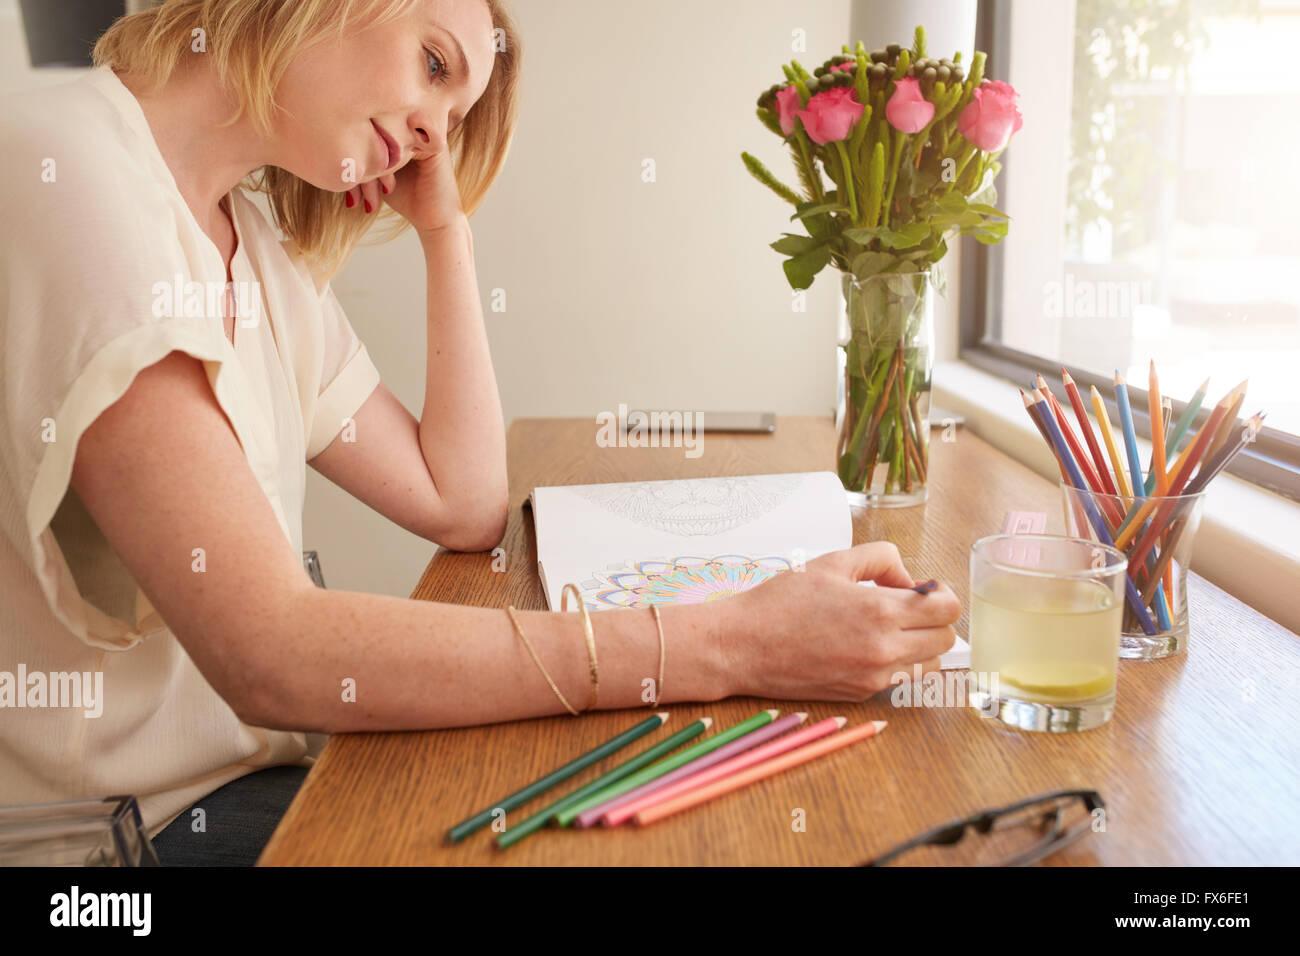 La donna il disegno di un adulto libro da colorare comodamente seduti a tavola da una finestra. Immagini Stock